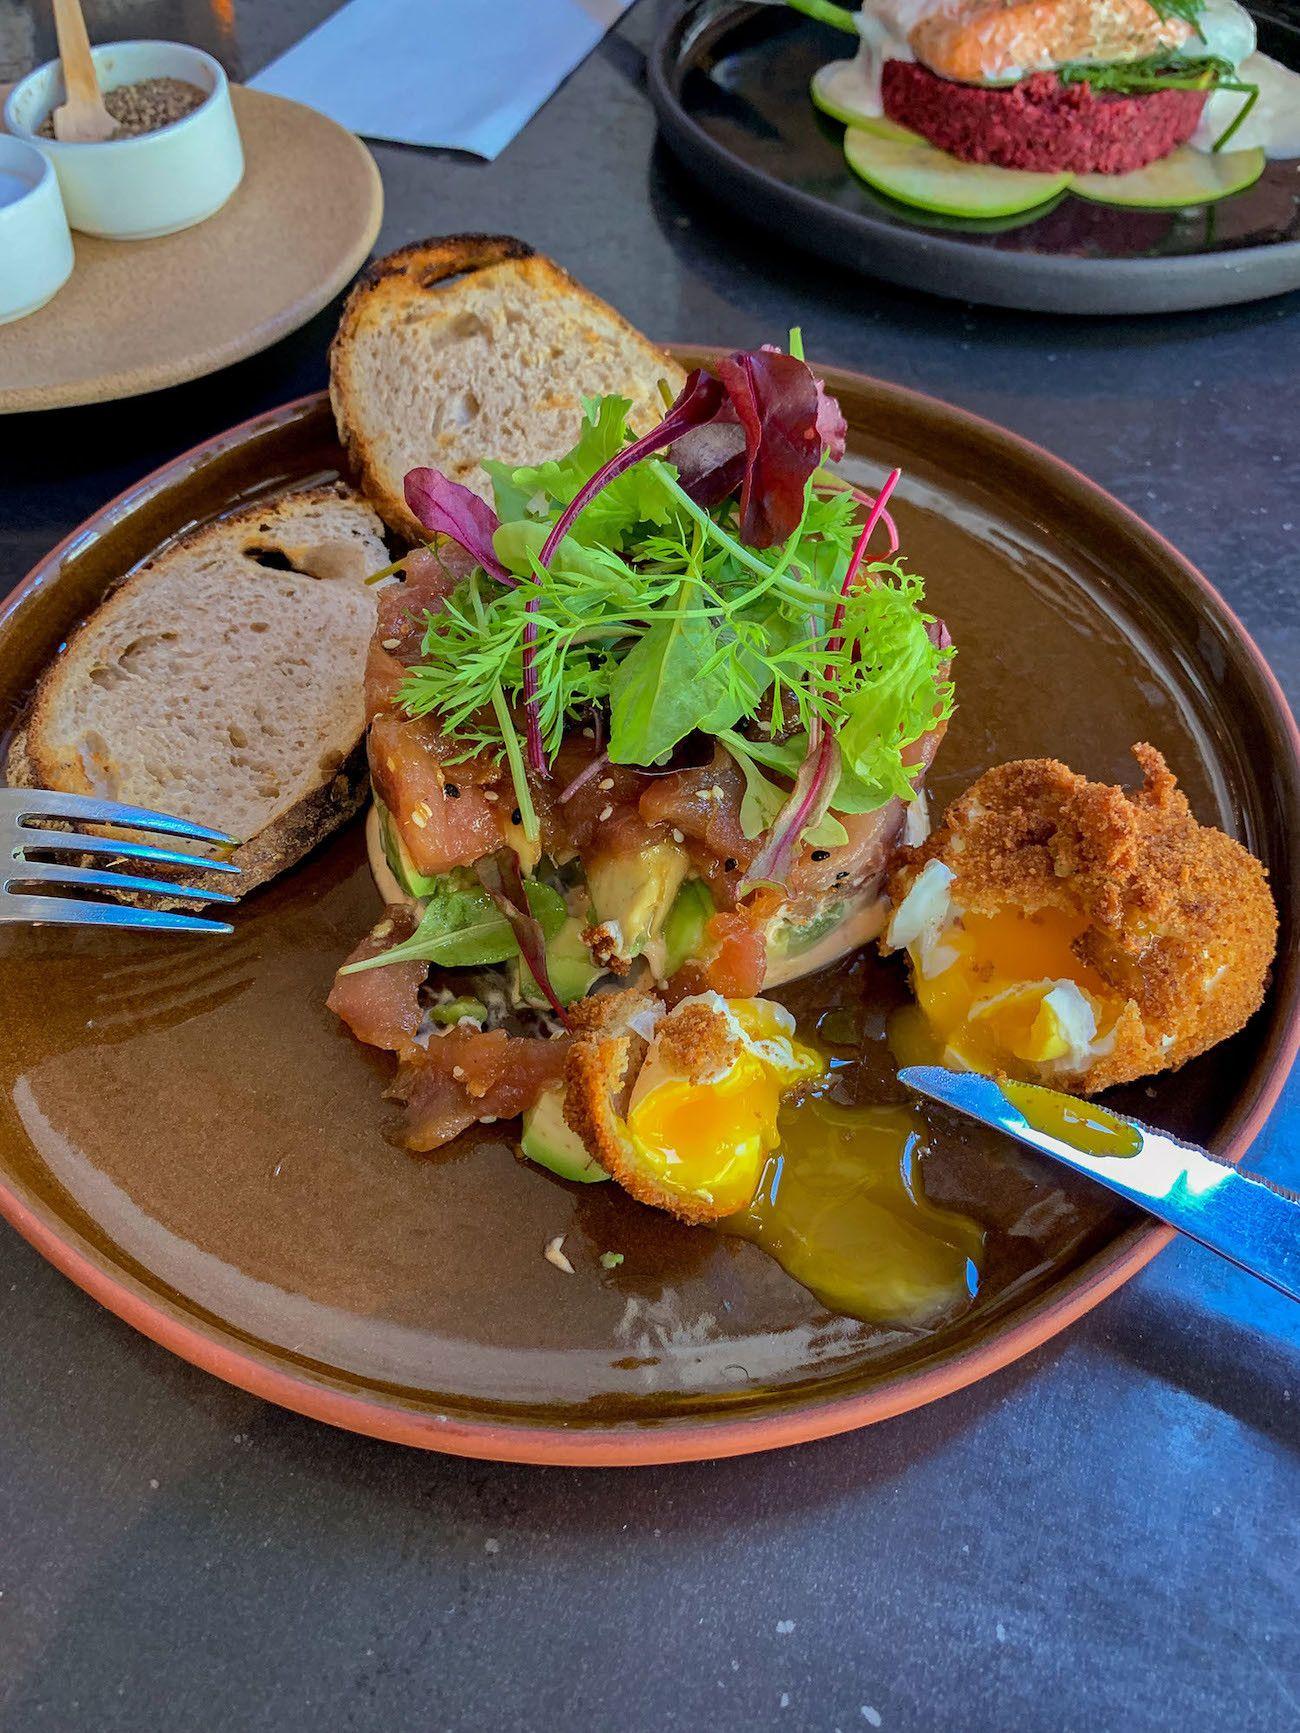 Frühstücks - und Brunch Guide für Kapstadt, Loading Bay, Lachstartar, panko fried egg, Avocado